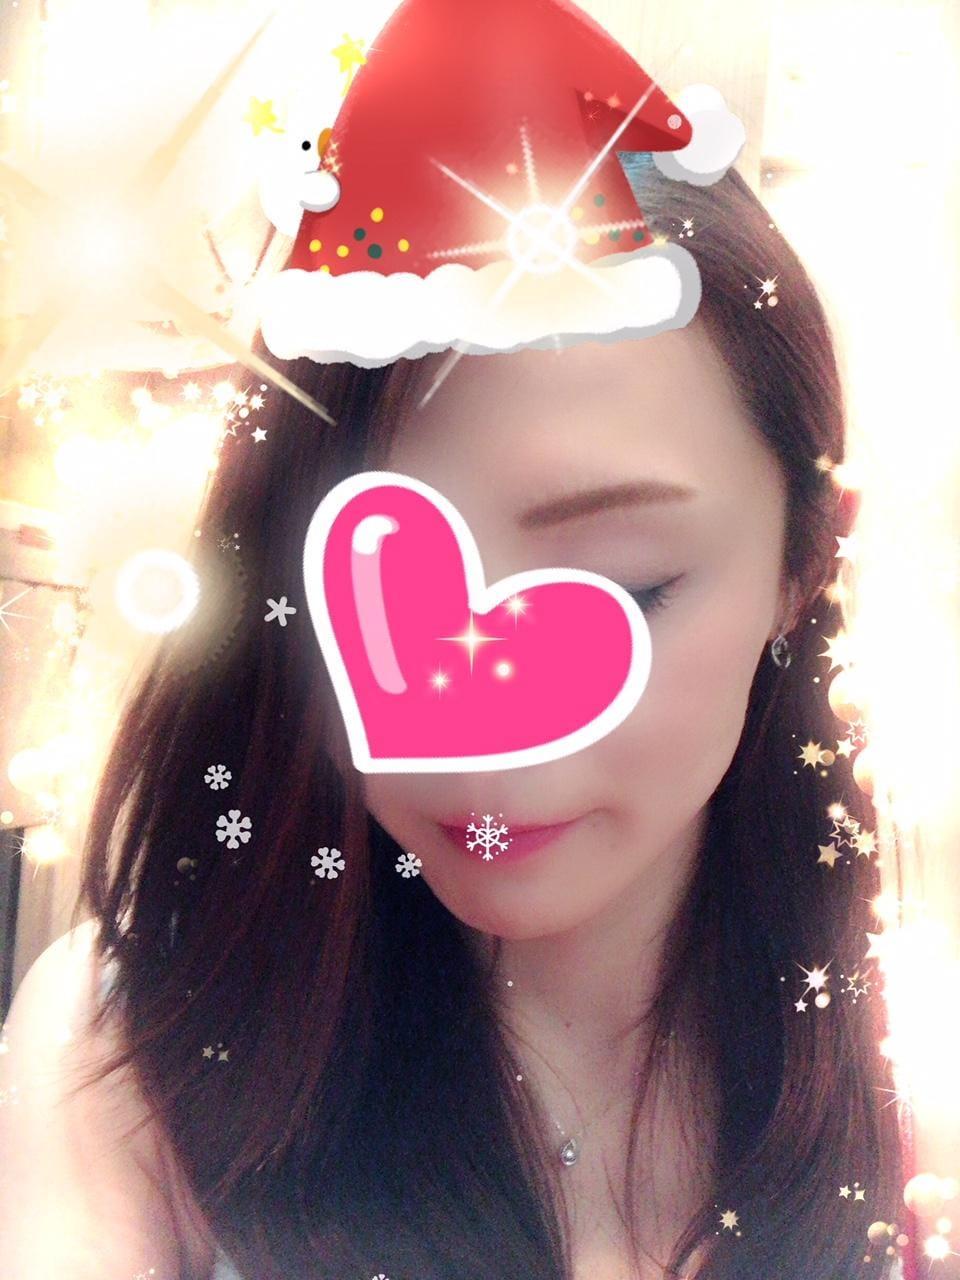 「おはようございまぁーす♡」12/24(月) 10:57 | はなの写メ・風俗動画